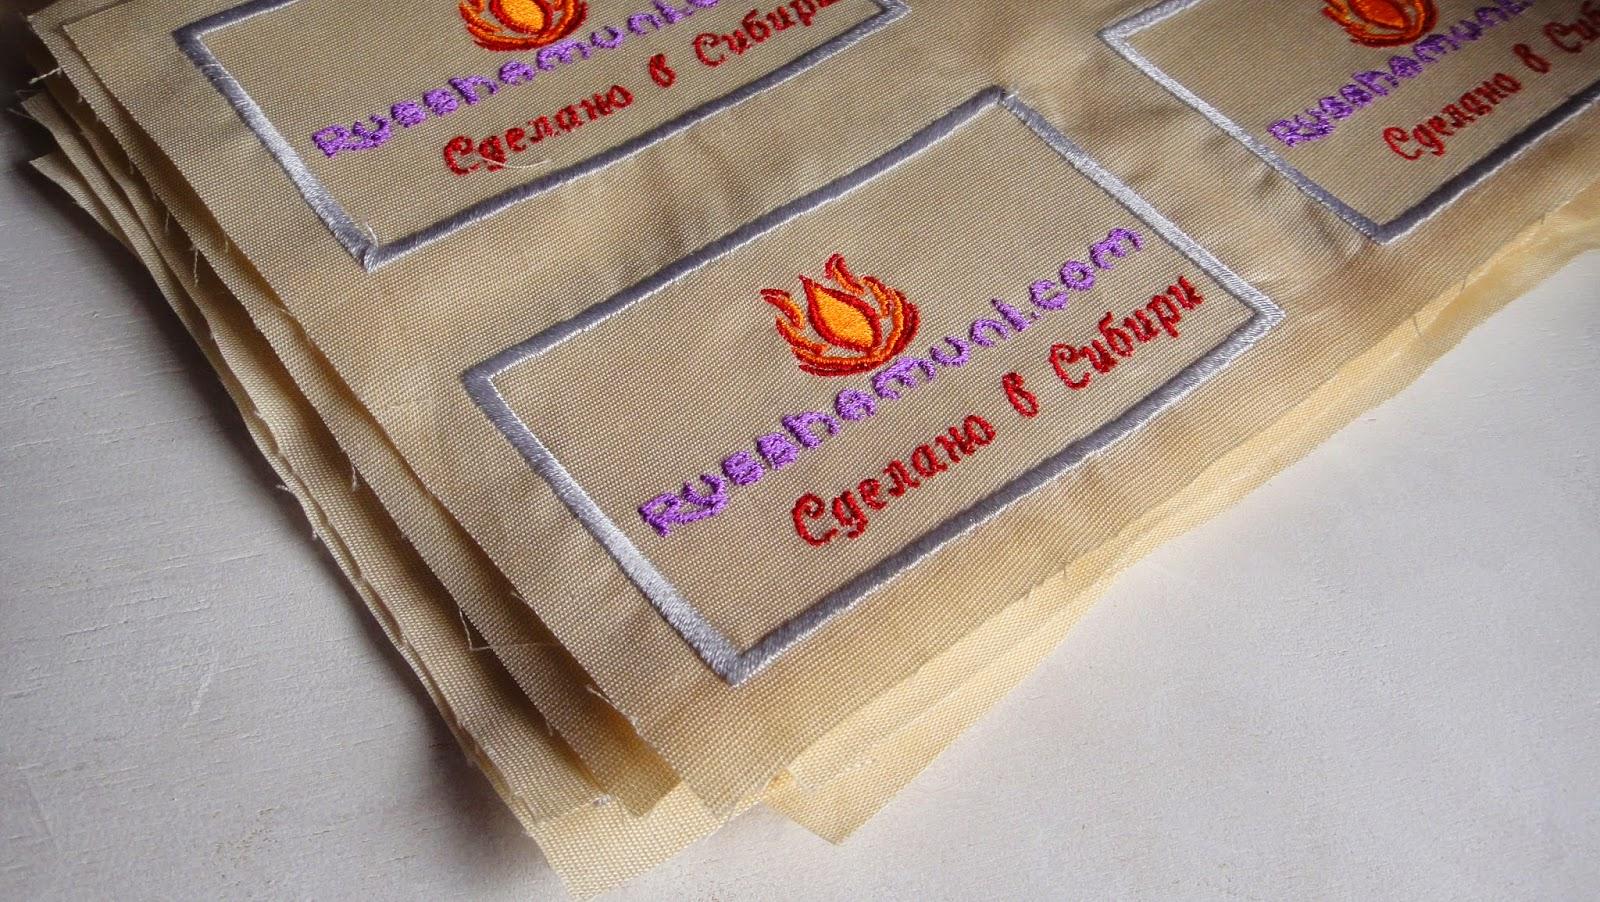 Этикетки для изделия ручной работы - работаем по фото, файлу или эскизу